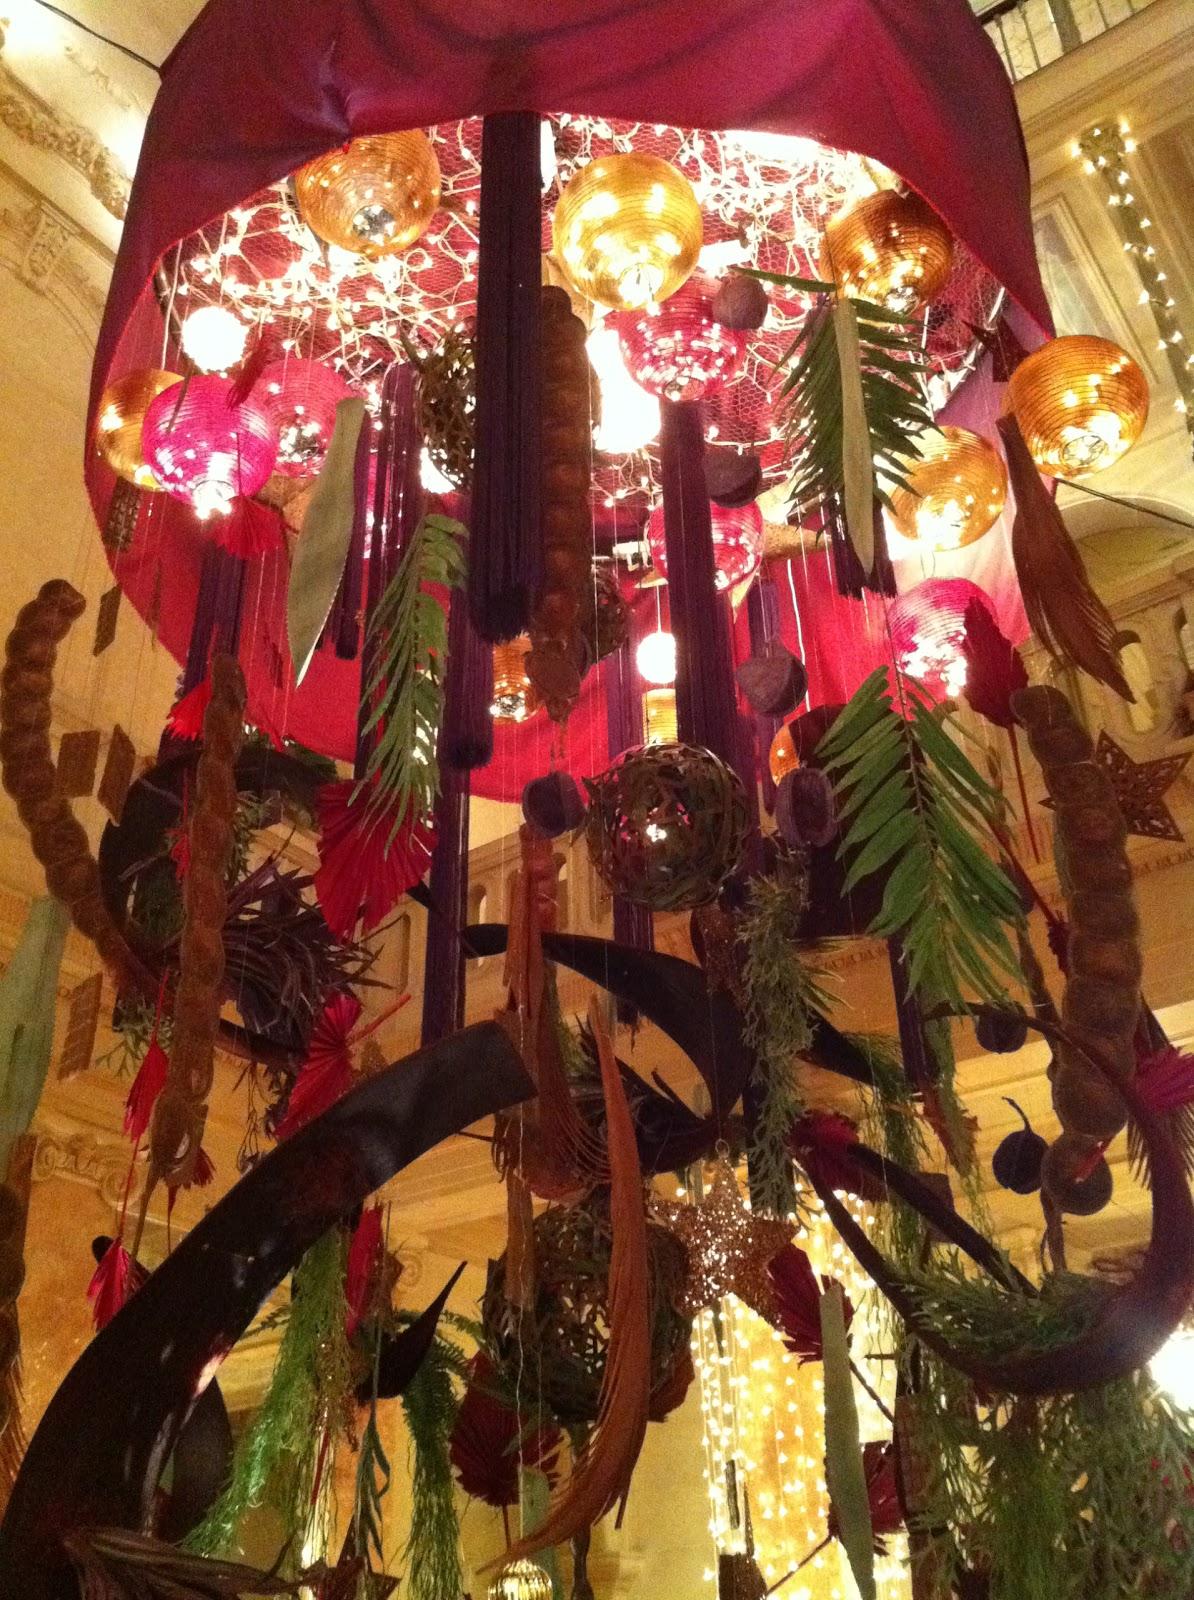 #B68515 Gerald Tilki 5435 decorations de noel geneve 1194x1600 px @ aertt.com